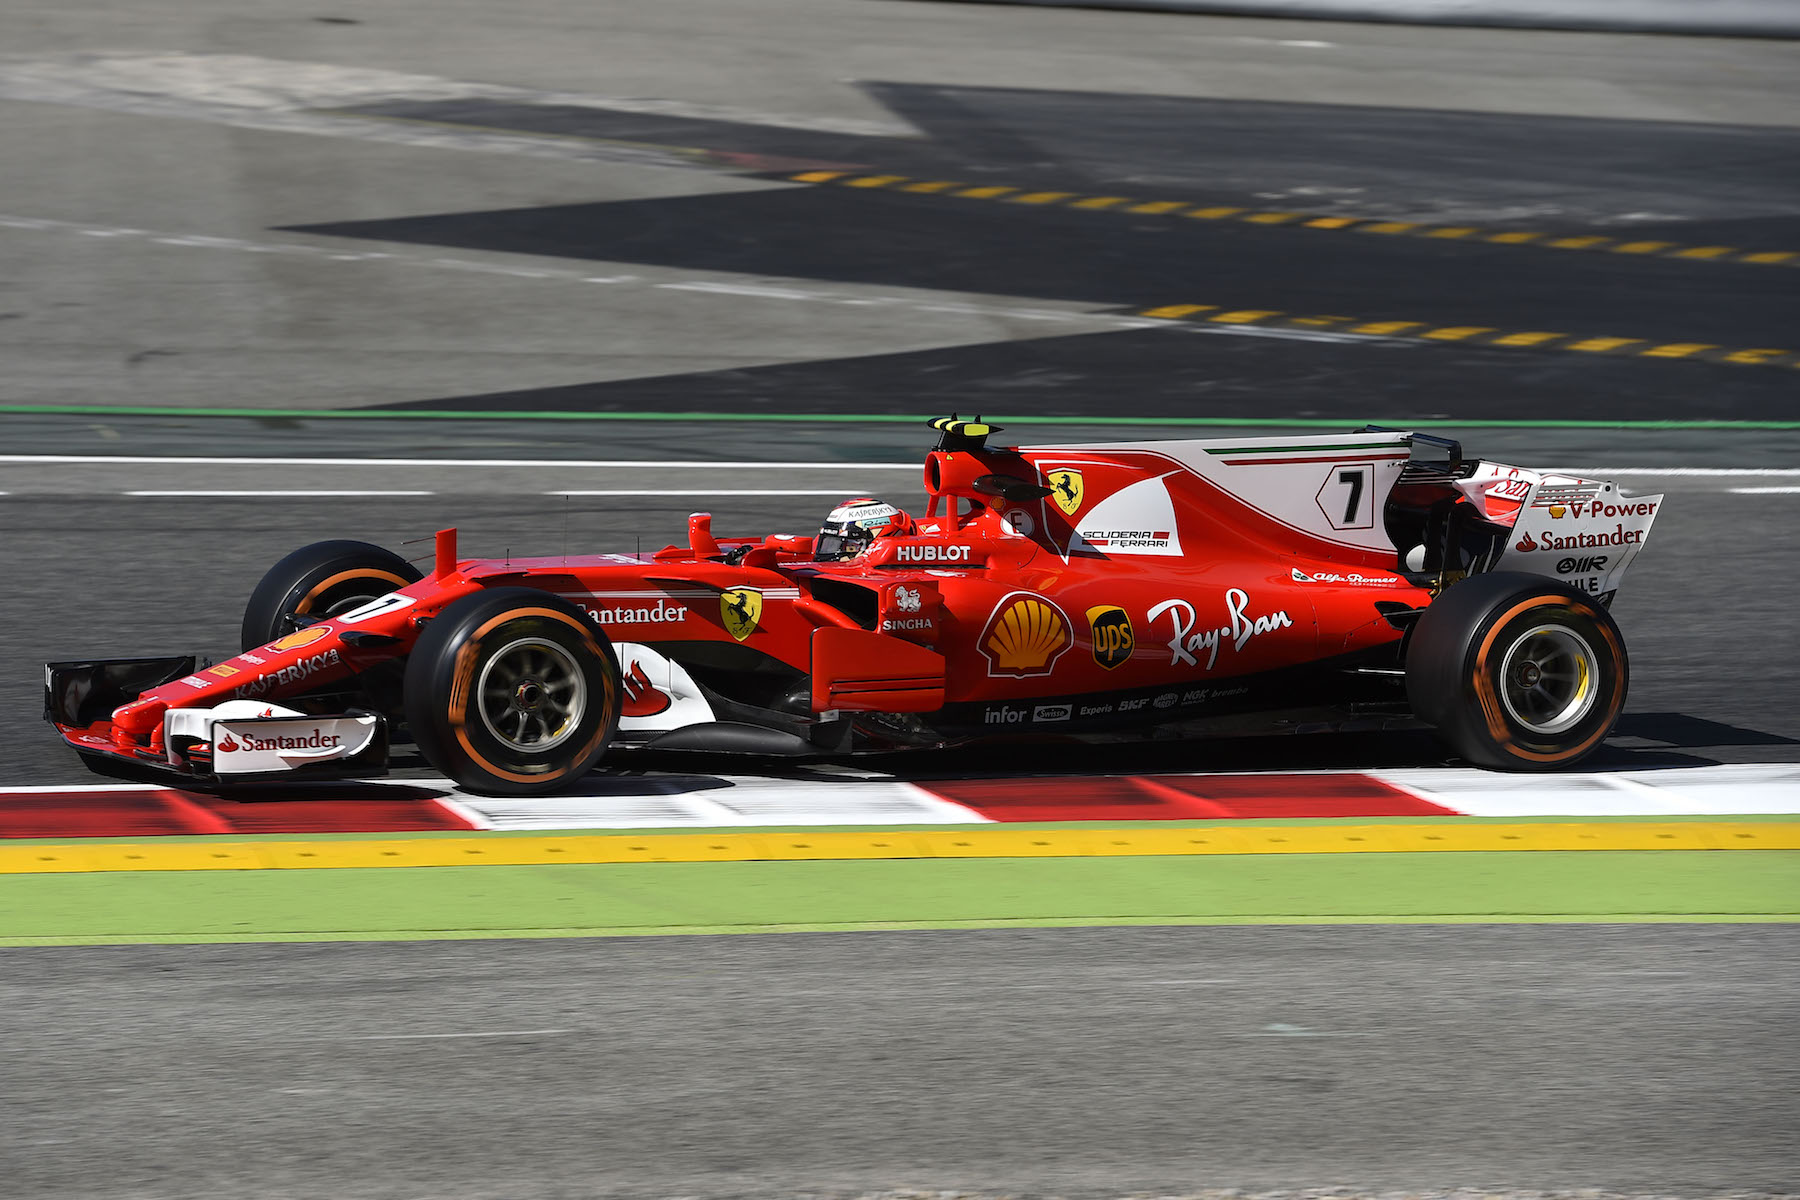 2017 Kimi Raikkonen | Ferrari SF70H | 2017 Spanish GP FP2 3 copy.jpg